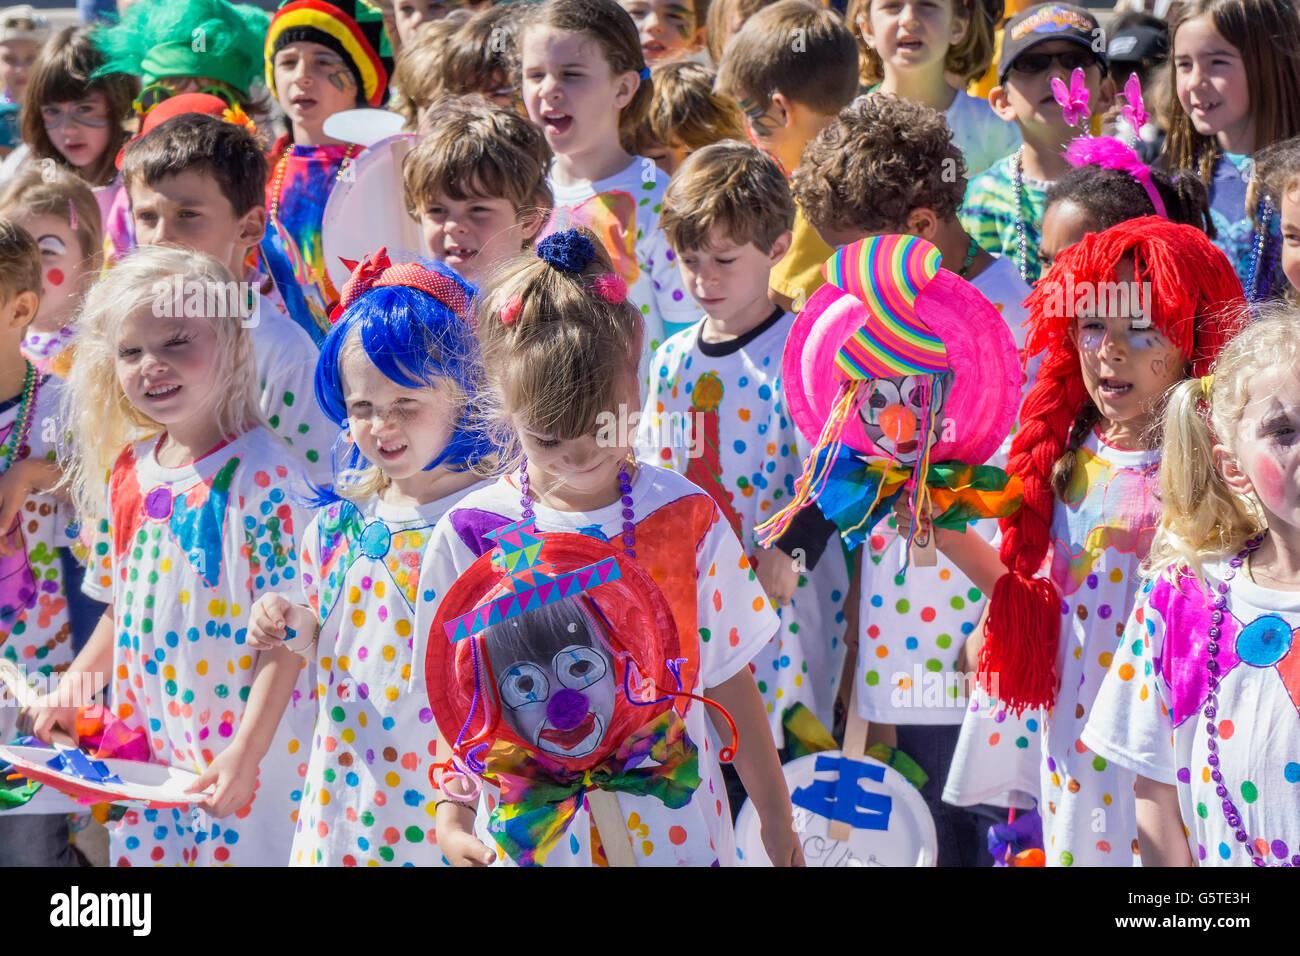 Childrenu0027s carnival celebration - Stock Image  sc 1 st  Alamy & Carnival Costumes For Kids Stock Photos u0026 Carnival Costumes For Kids ...